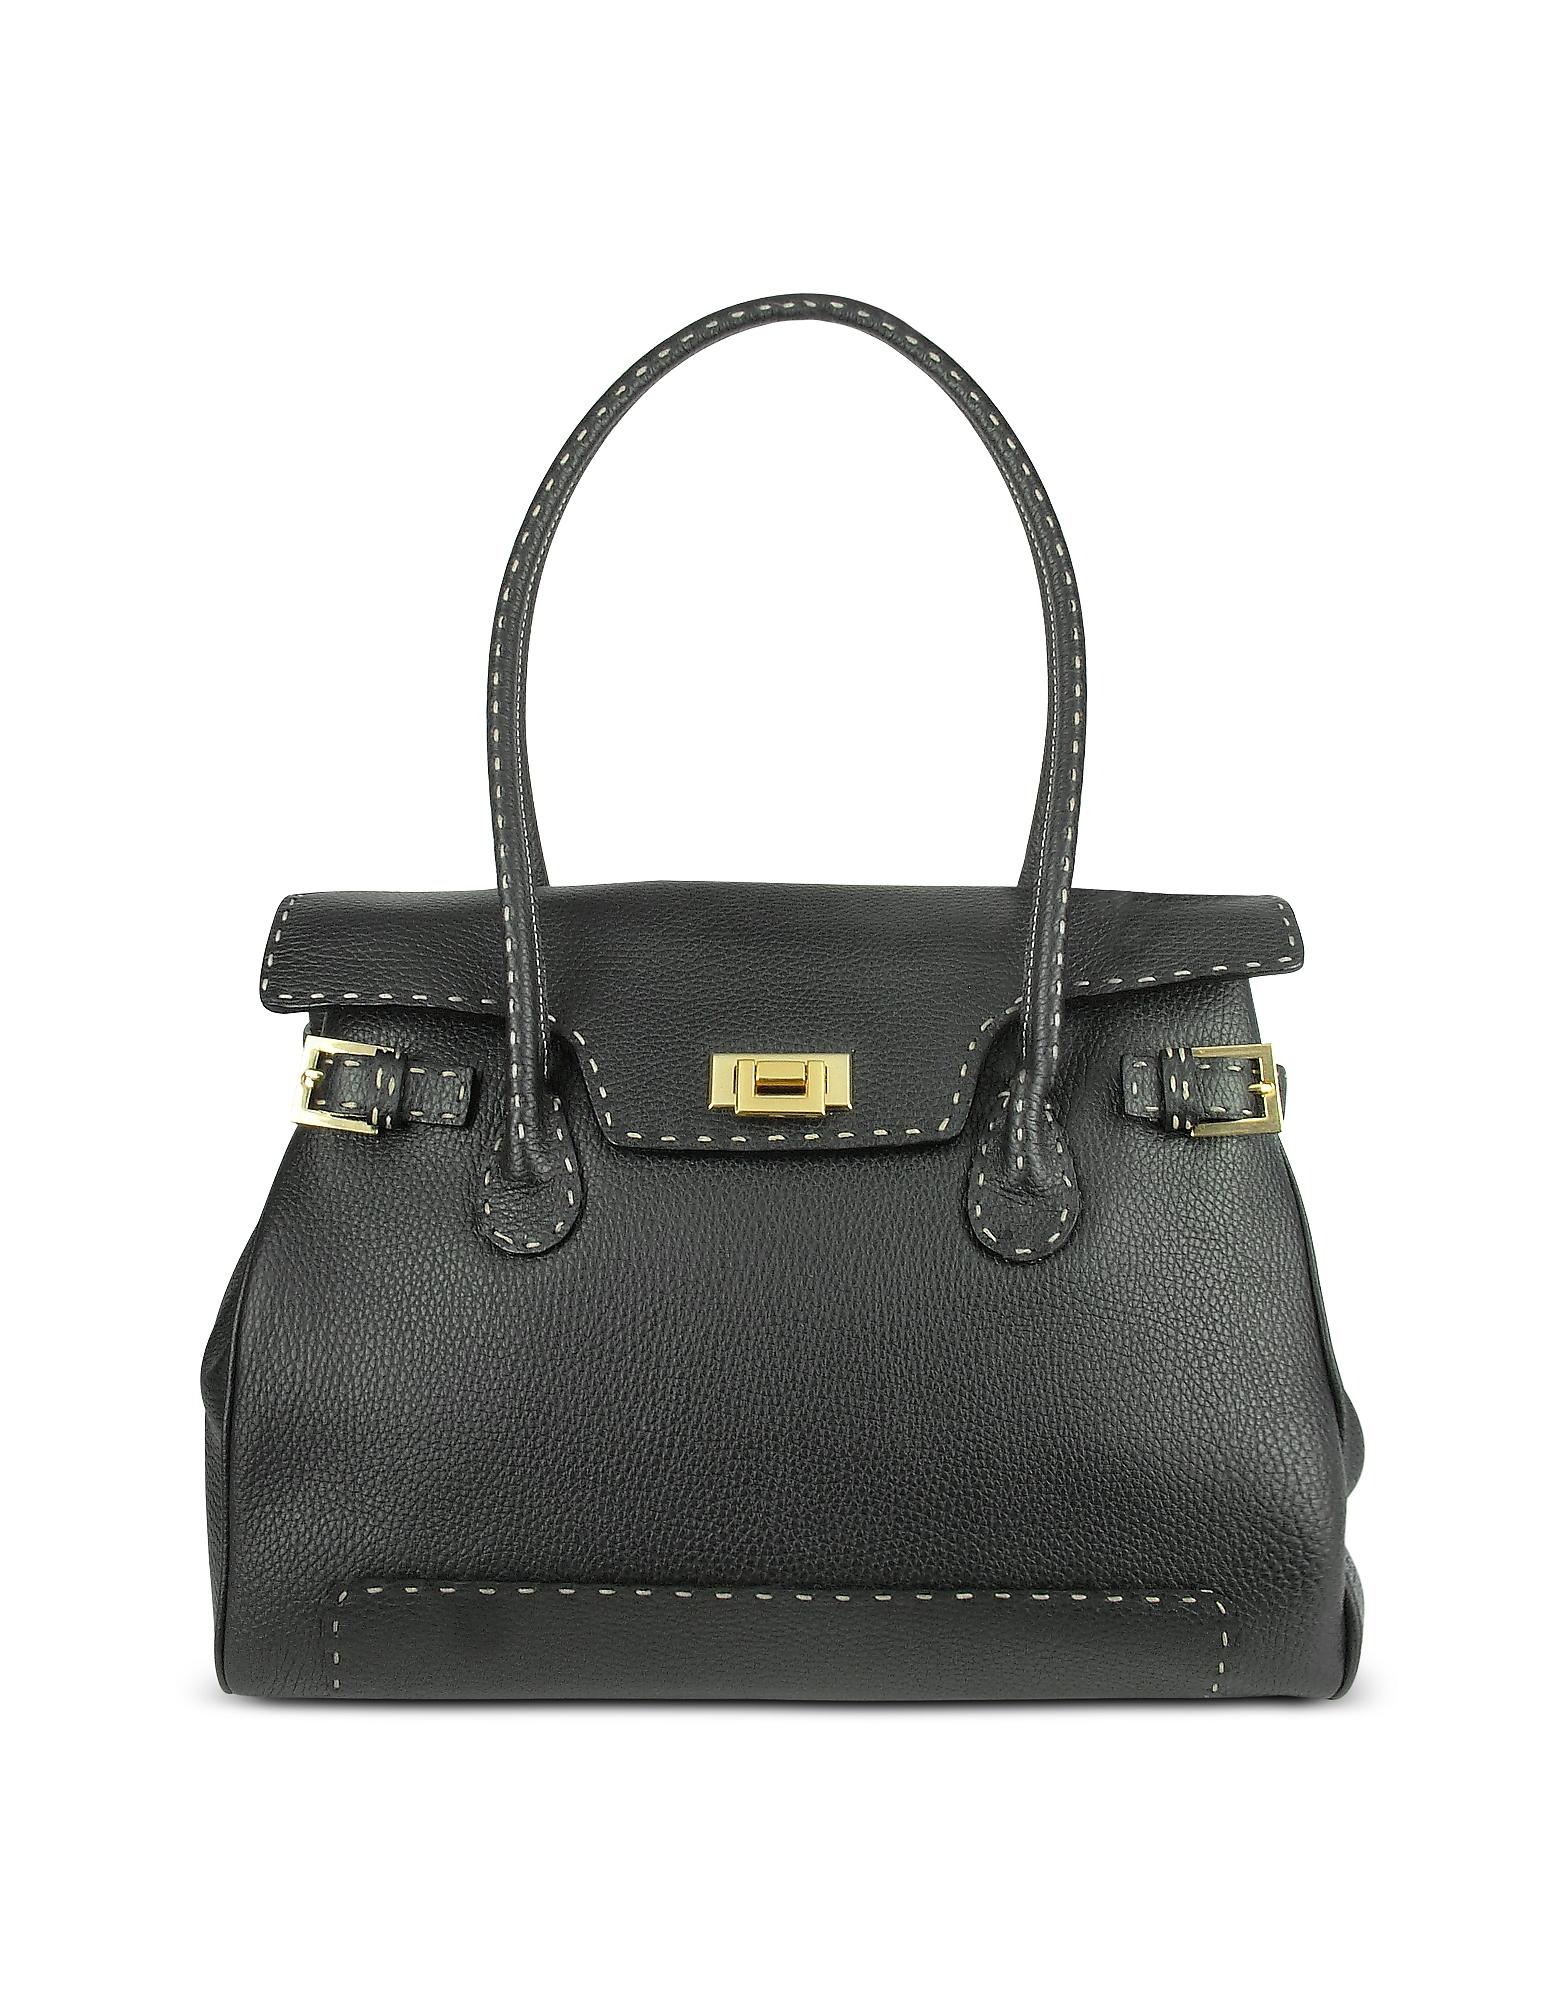 Fontanelli Handbags, Black Handstitched Pebble Leather Large Satchel Bag